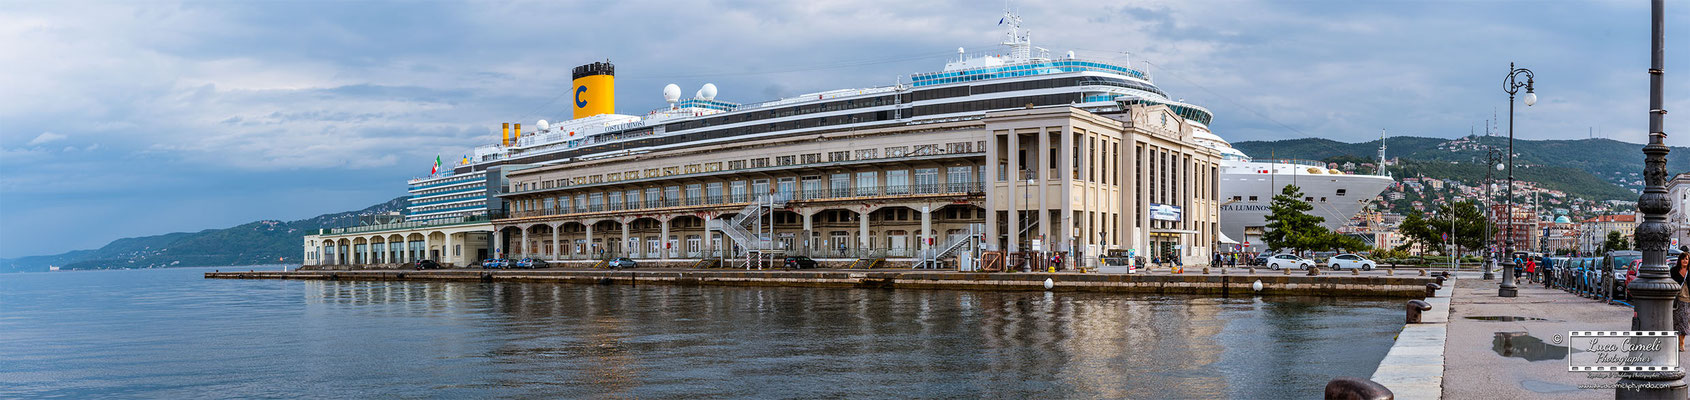 Trieste - Stazione Marittima di Trieste